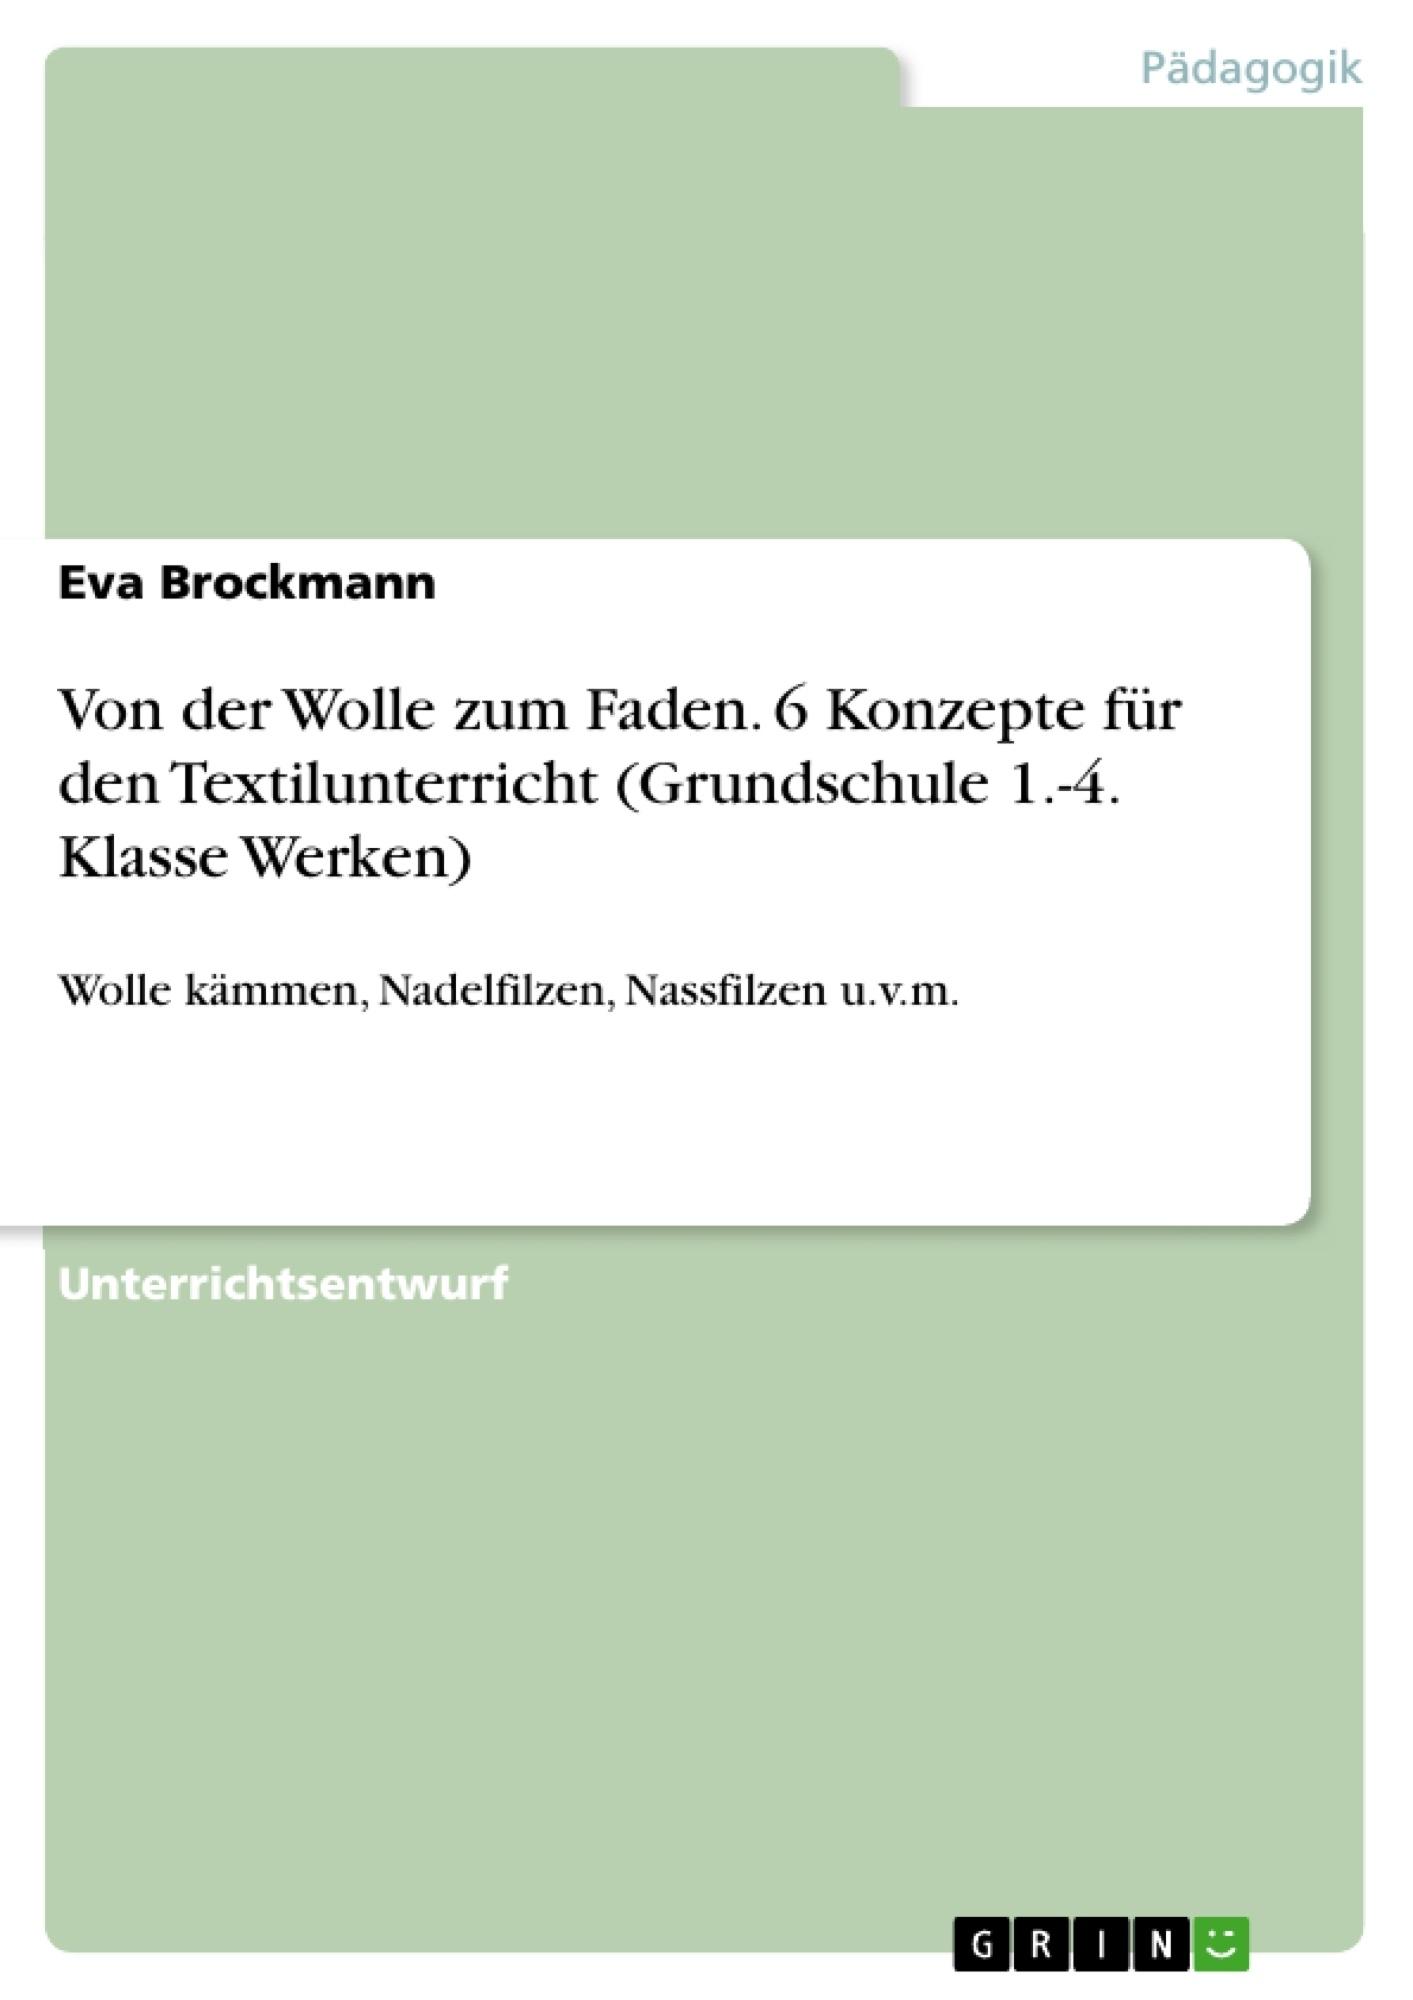 Titel: Von der Wolle zum Faden. 6 Konzepte für den Textilunterricht (Grundschule 1.-4. Klasse Werken)